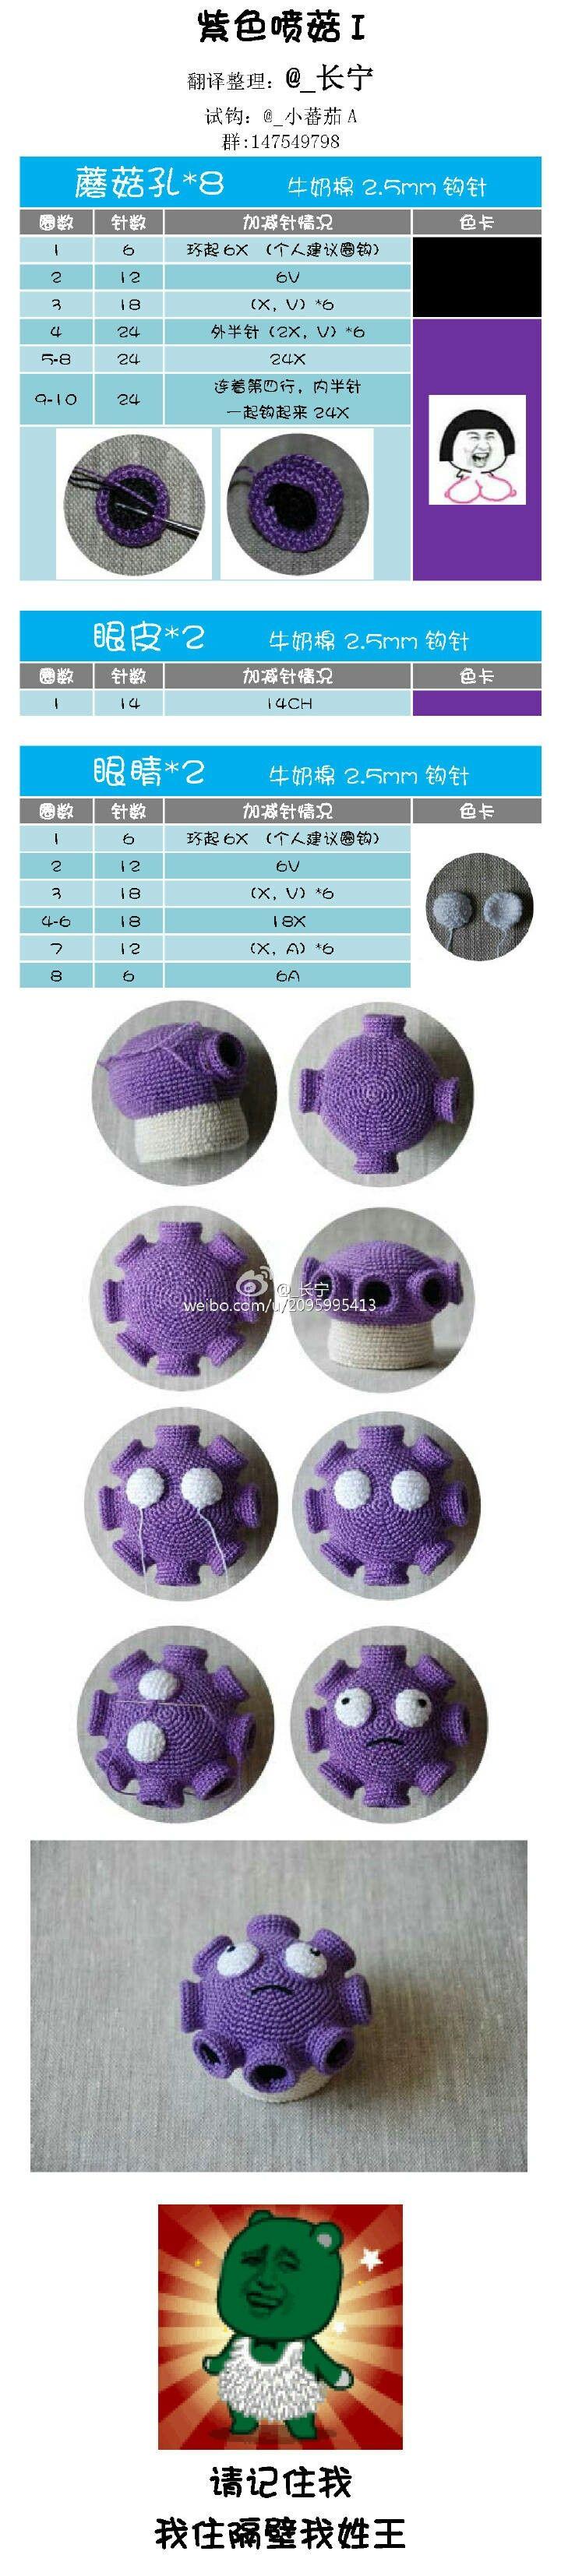 紫色喷菇1